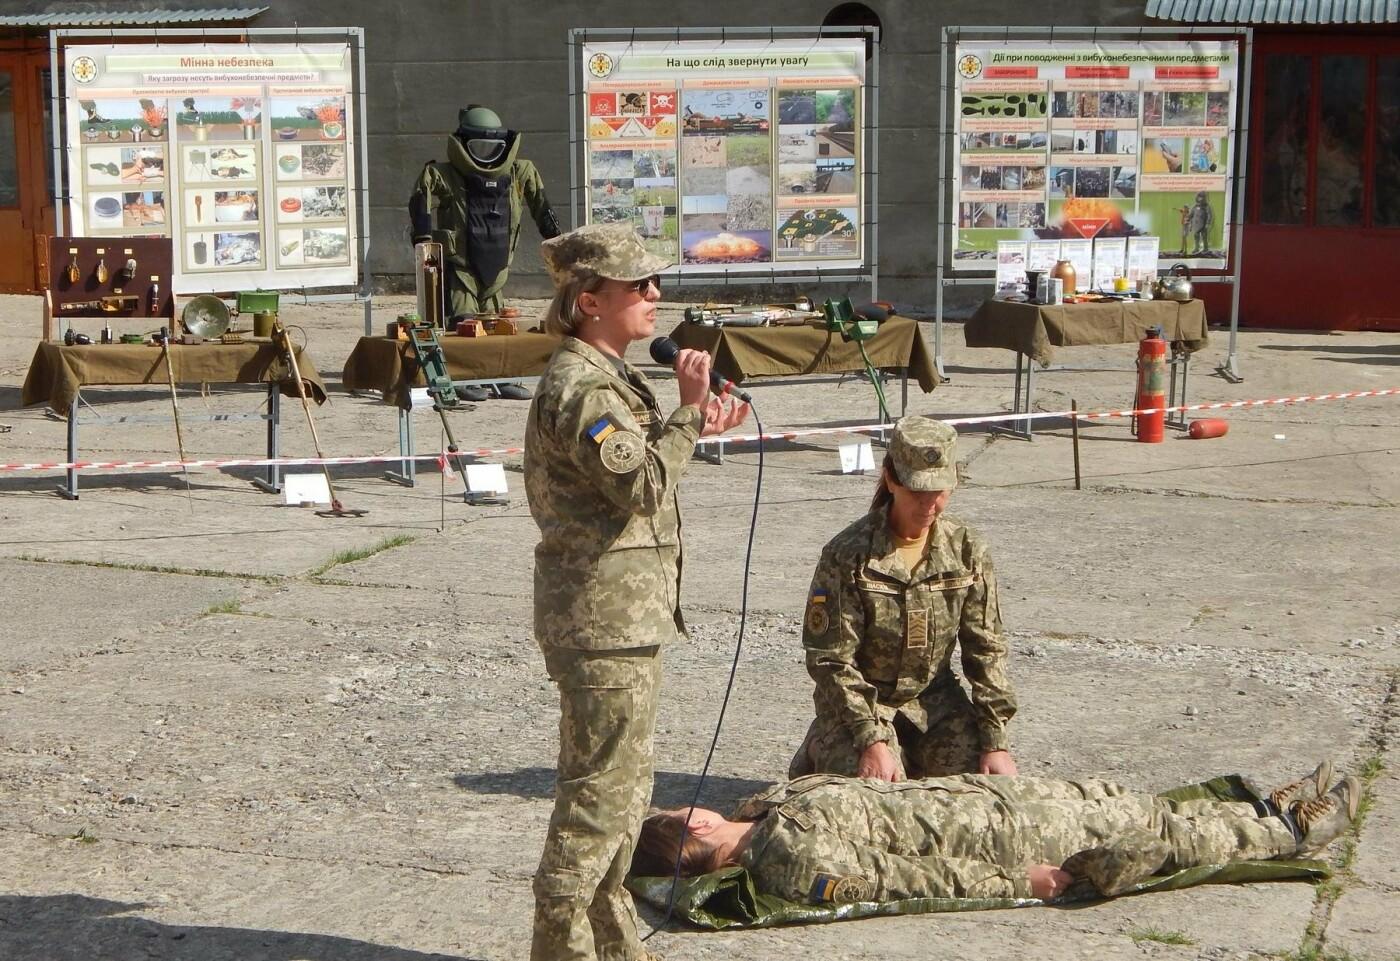 Військовослужбовці Центру розмінування навчали студентів поводитись із вибухонебезпечними предметами, фото-2